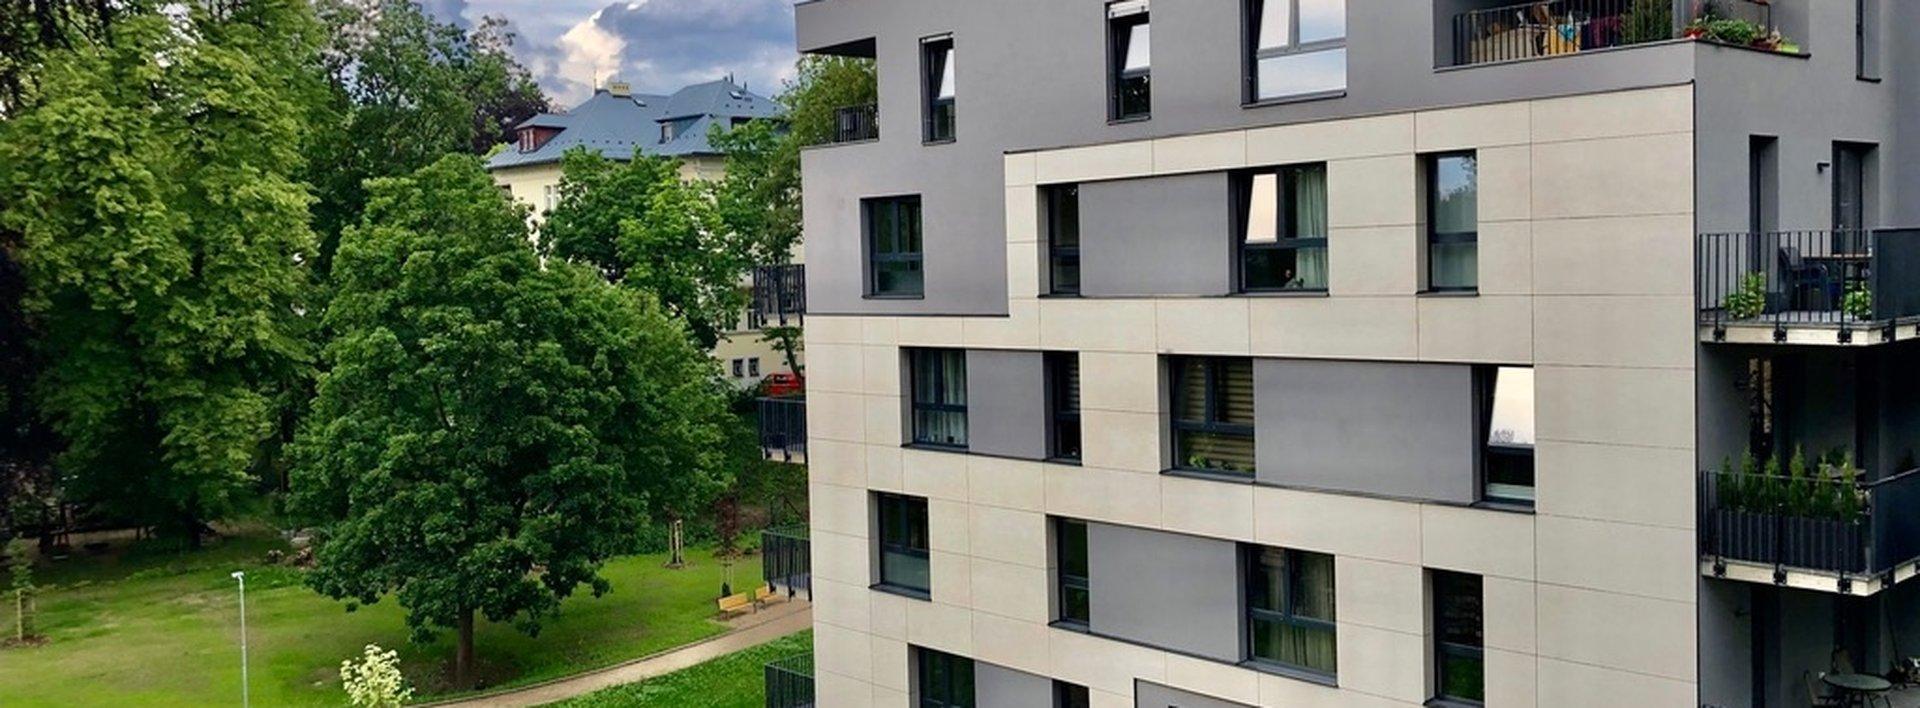 Pronájem bytu 2+kk s balkonem , 76 m² a gar. stáním - Liberec - Staré Město, ul. Vítězná, Ev.č.: N49082